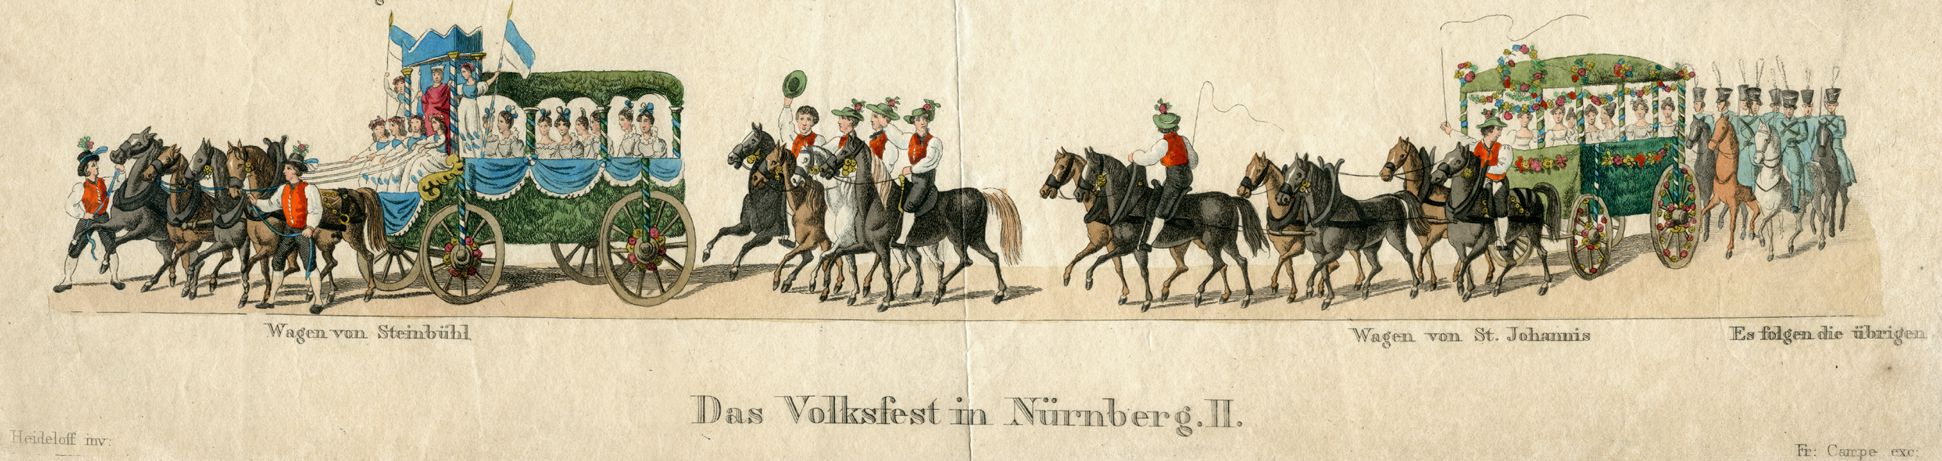 Das Volksfest in Nürnberg. II. vierte Zeile von oben